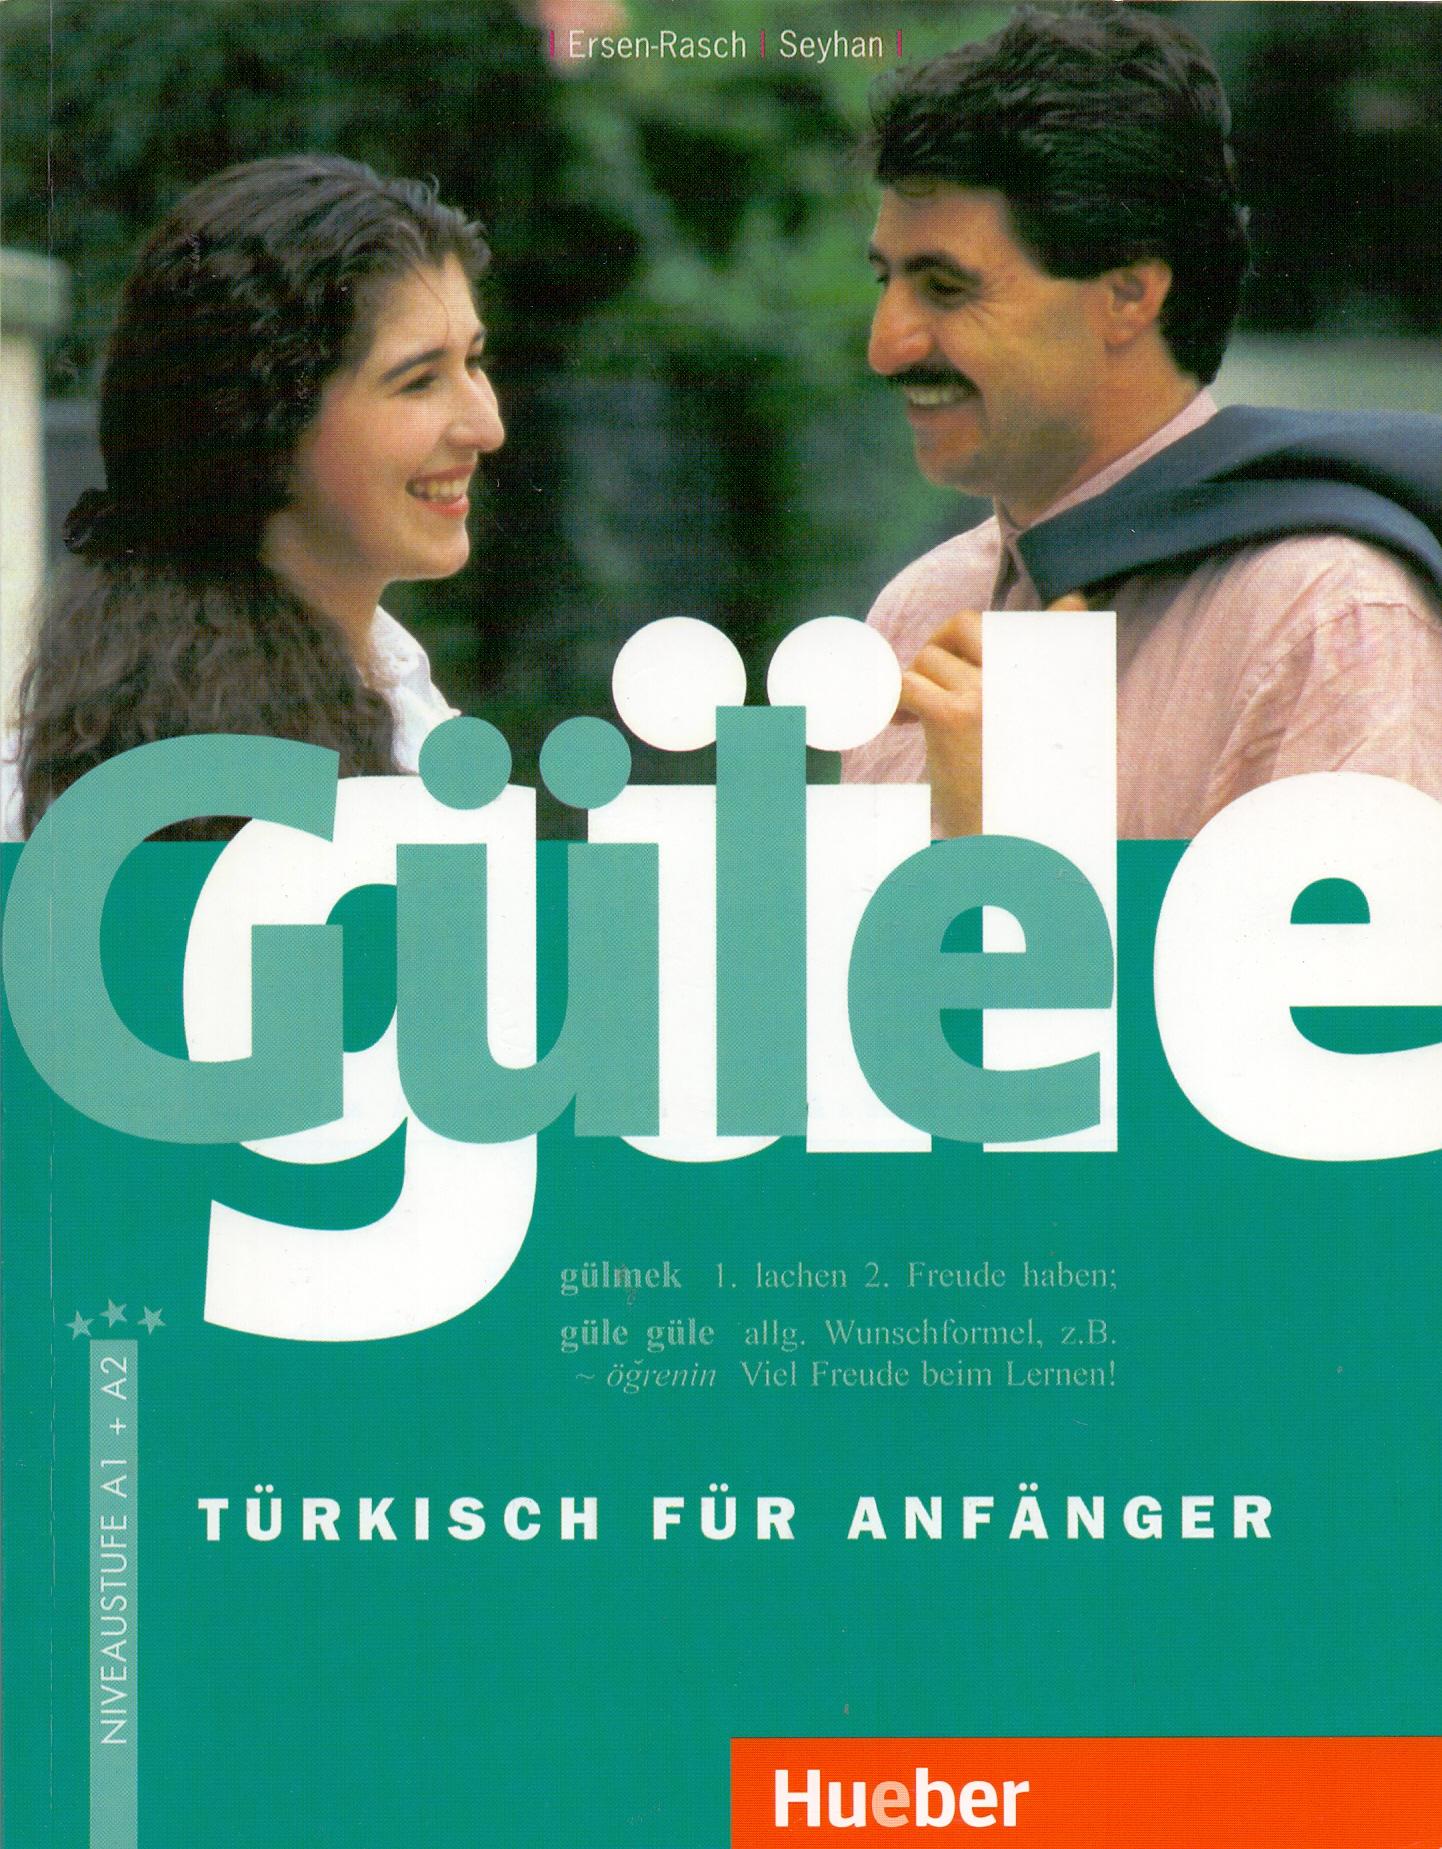 Güle güle: Türkisch für Anfänger - Margarete I. Ersen-Rasch [Broschiert, 6. Auflage 2008]